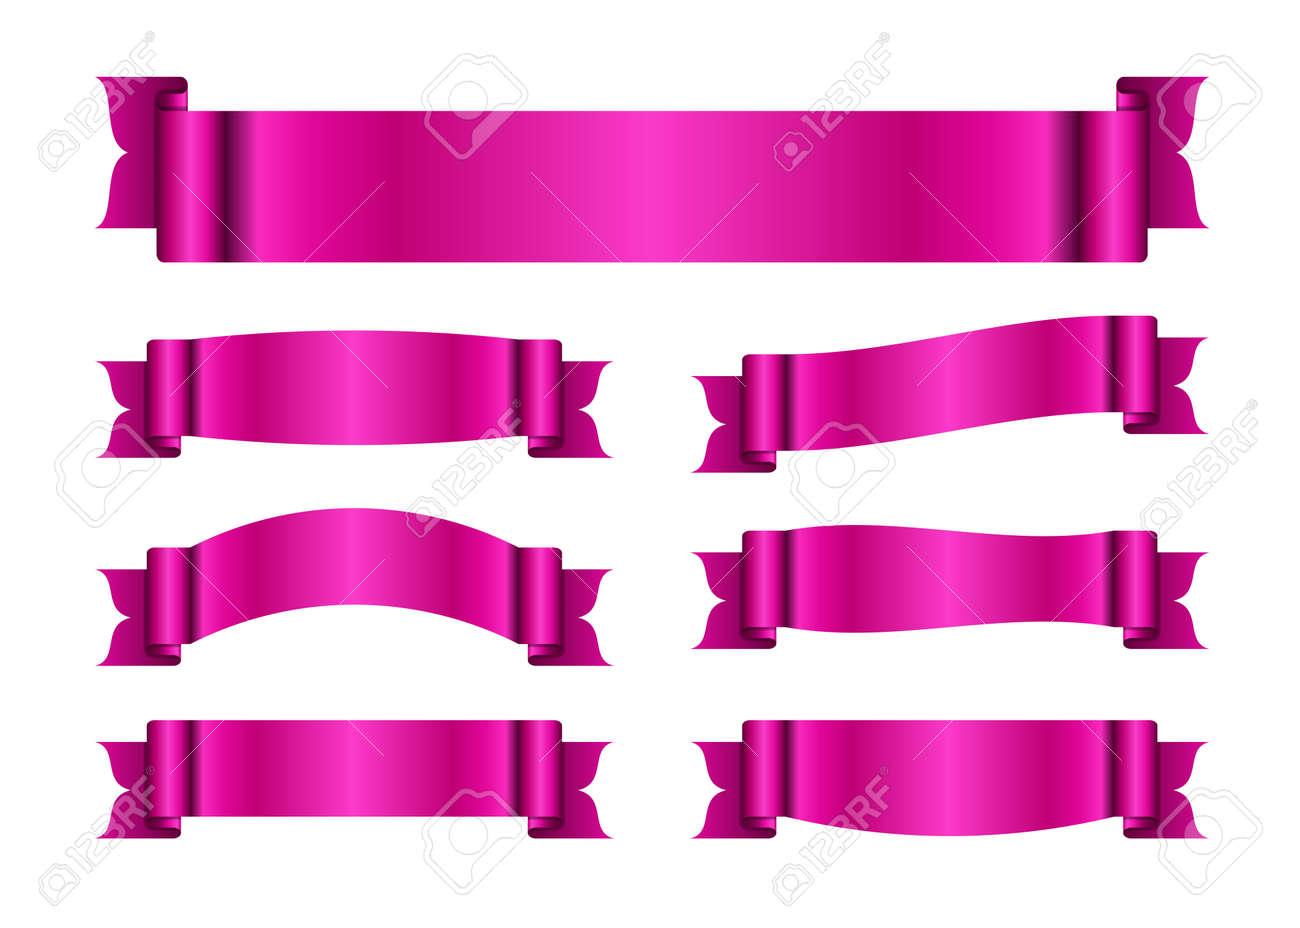 Rosa Bänder Gesetzt. Satin Leere Bannersammlung. Design Label Scroll ...